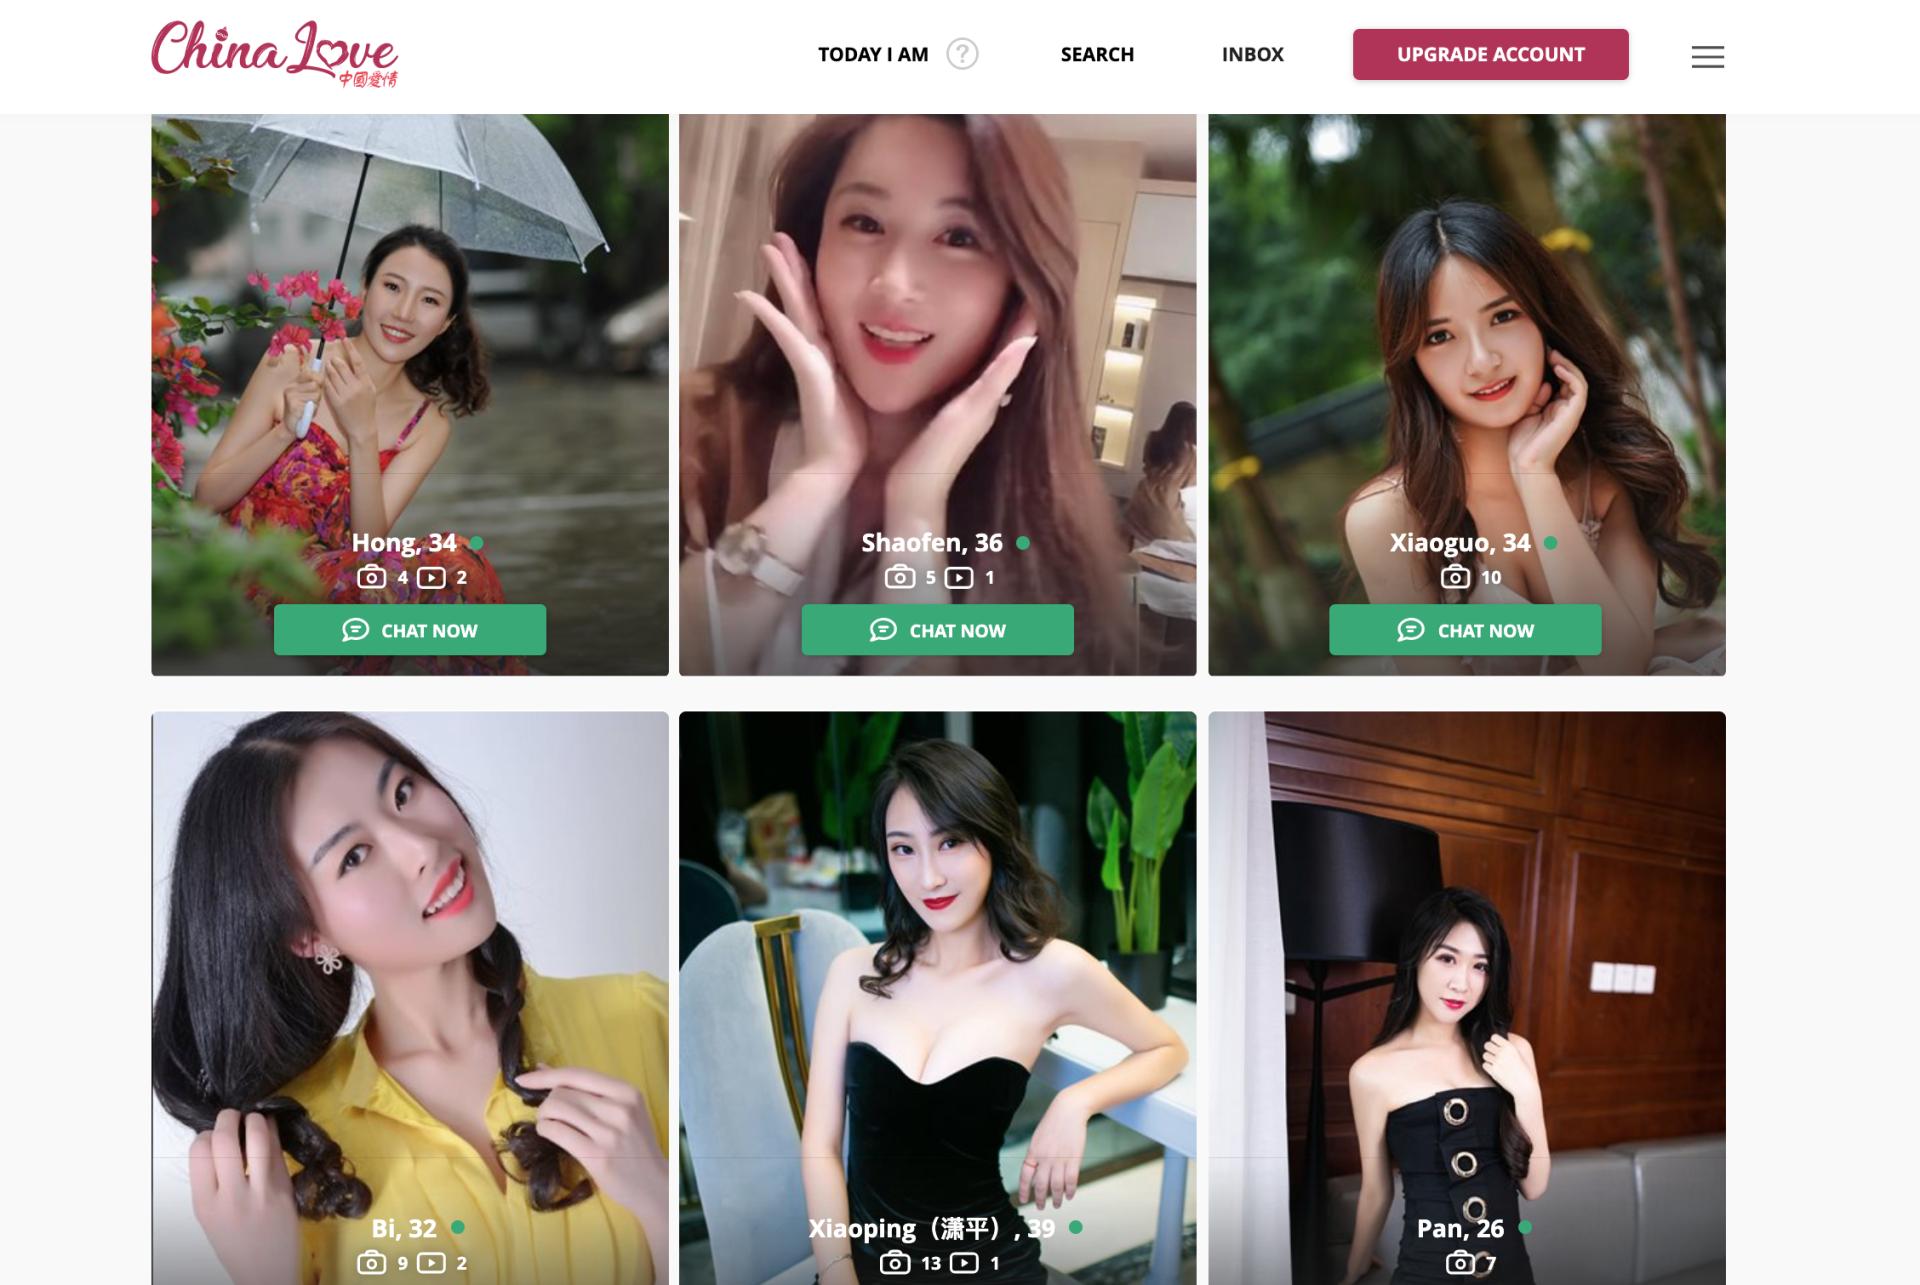 ChinaLove girls profiles